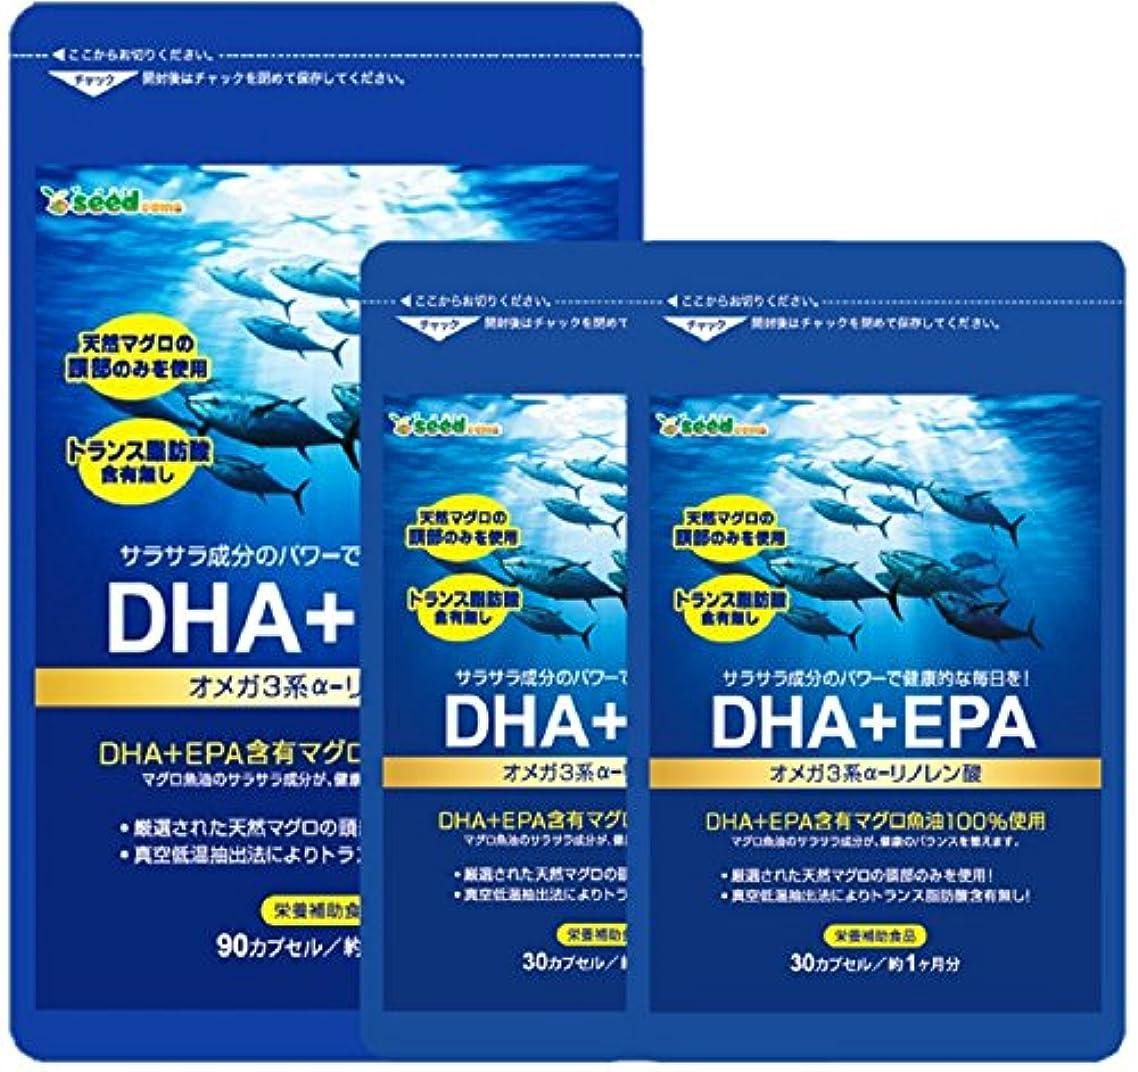 スピン座標パラダイスDHA + EPA 約5ヶ月分/150粒 ( オメガ系 α-リノレン酸 )トランス脂肪酸 0㎎